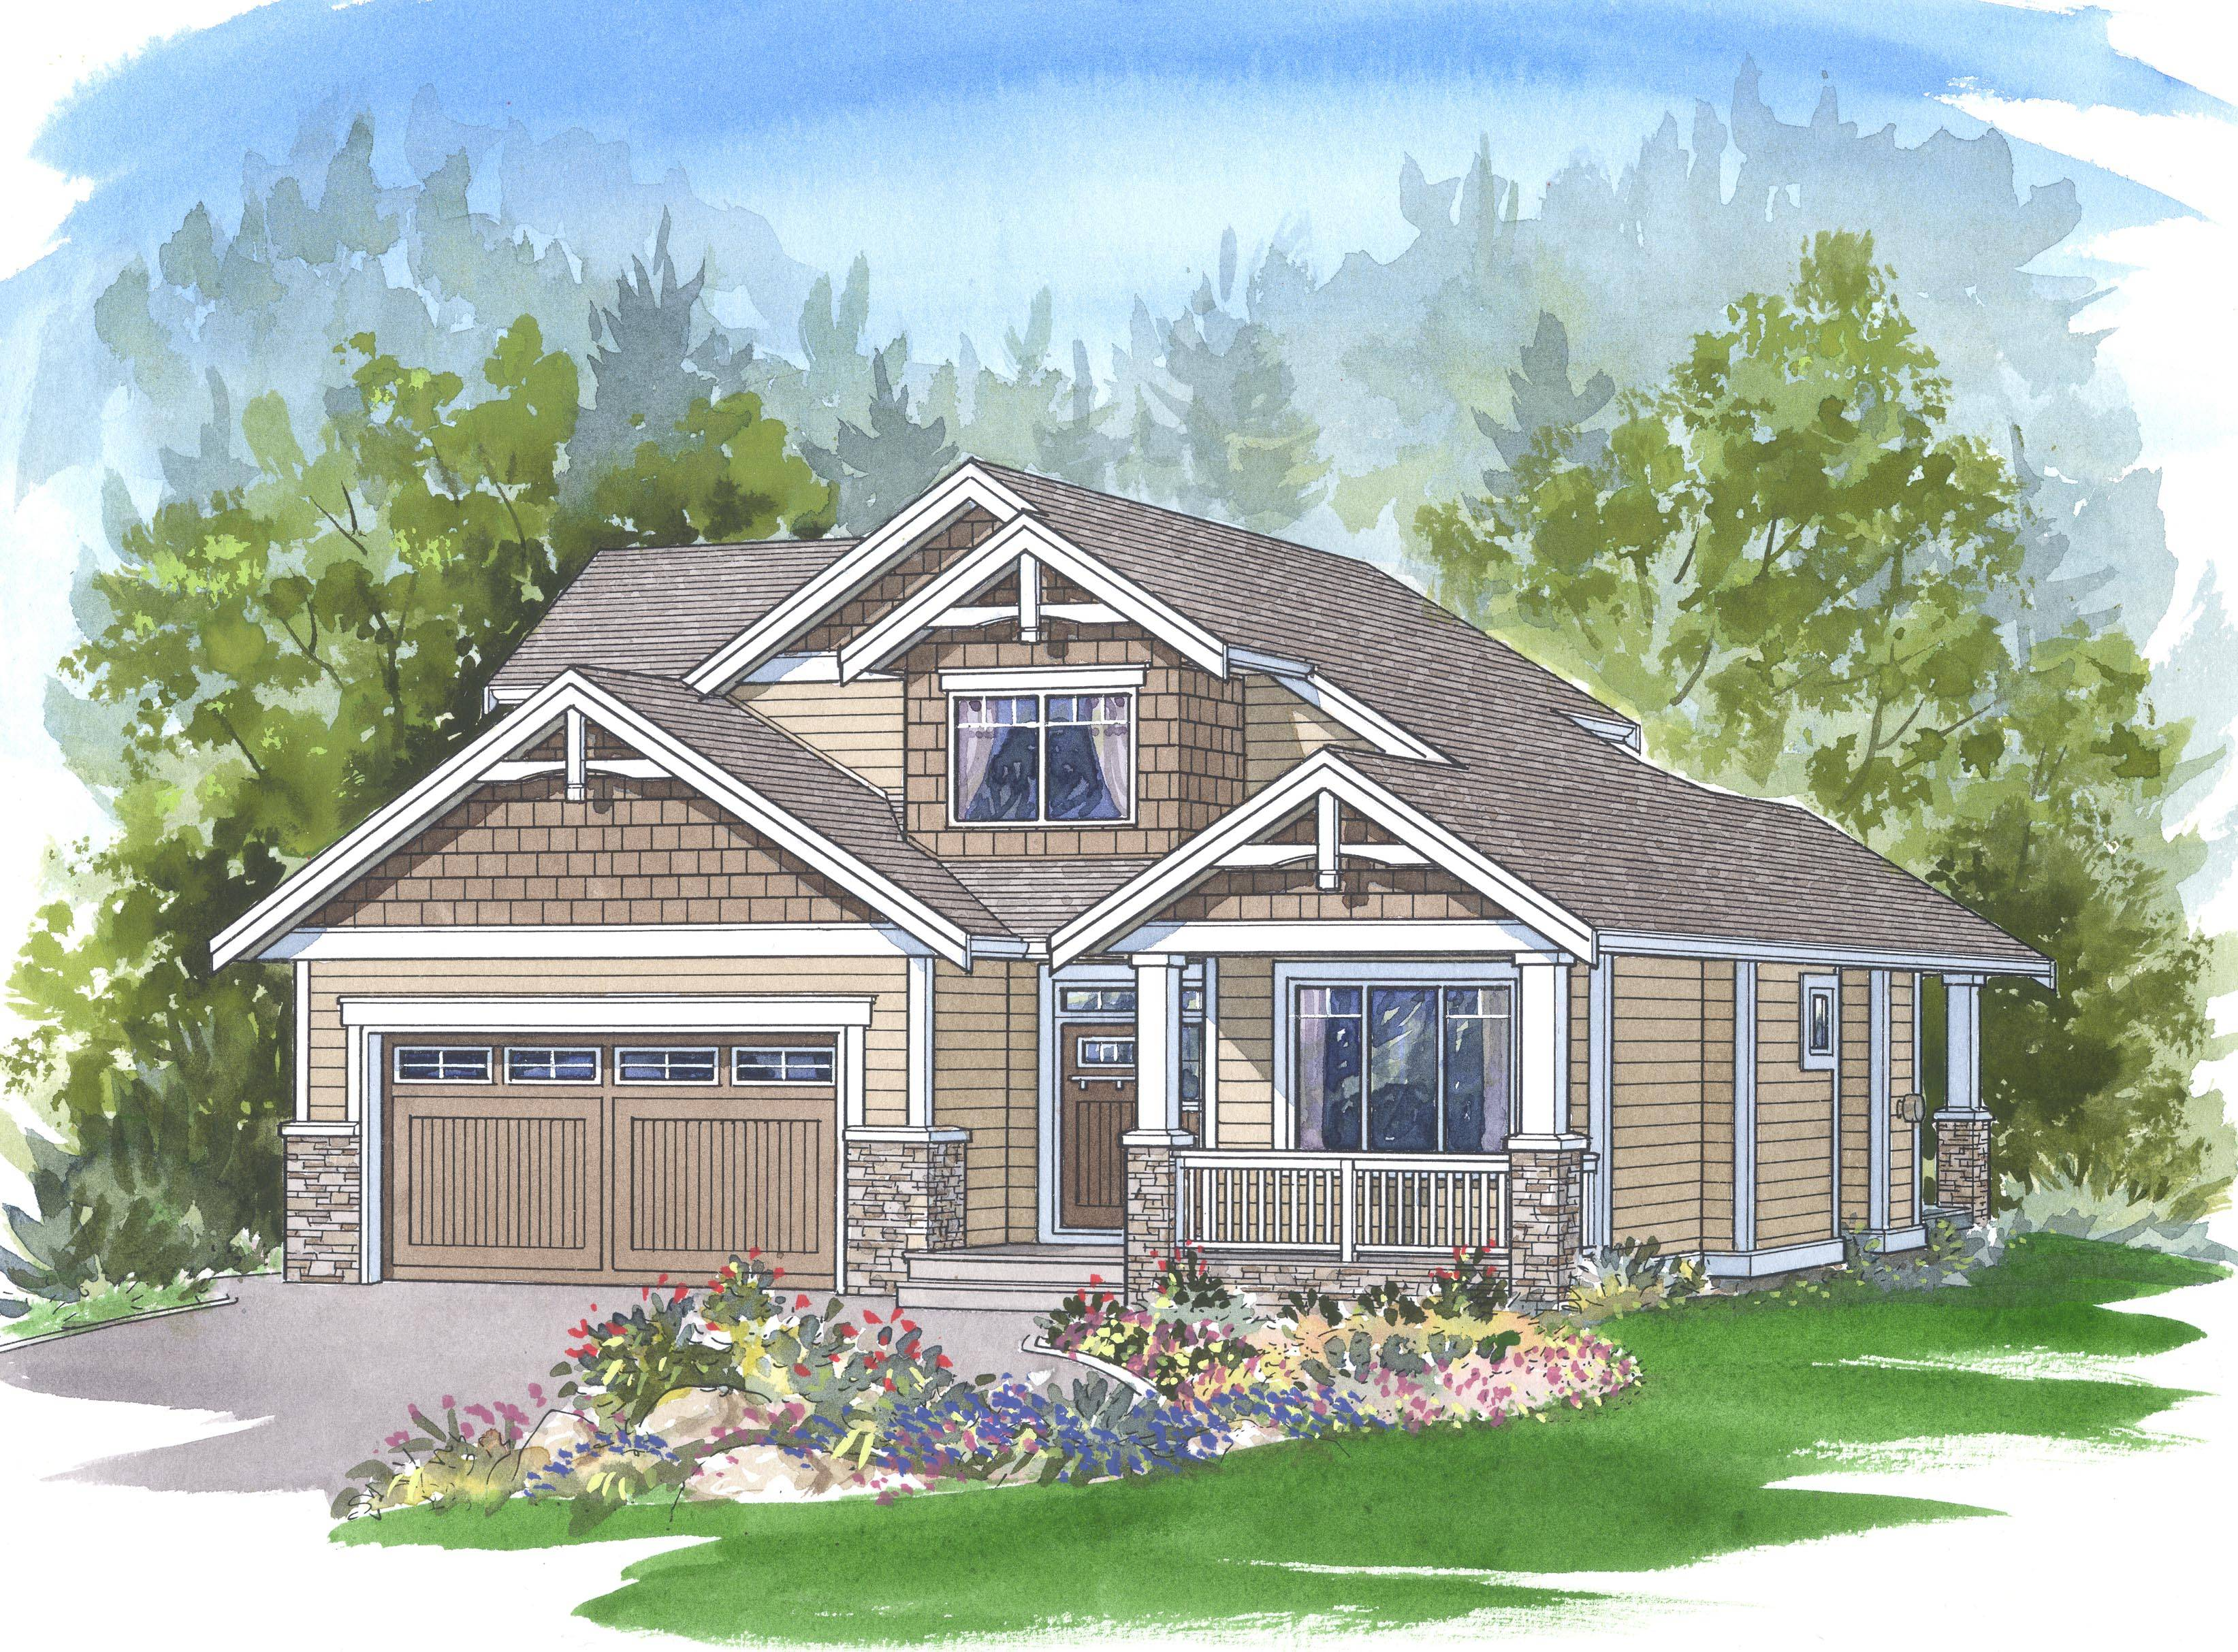 Plans Jenish - Home Building Plans #40063 - ^